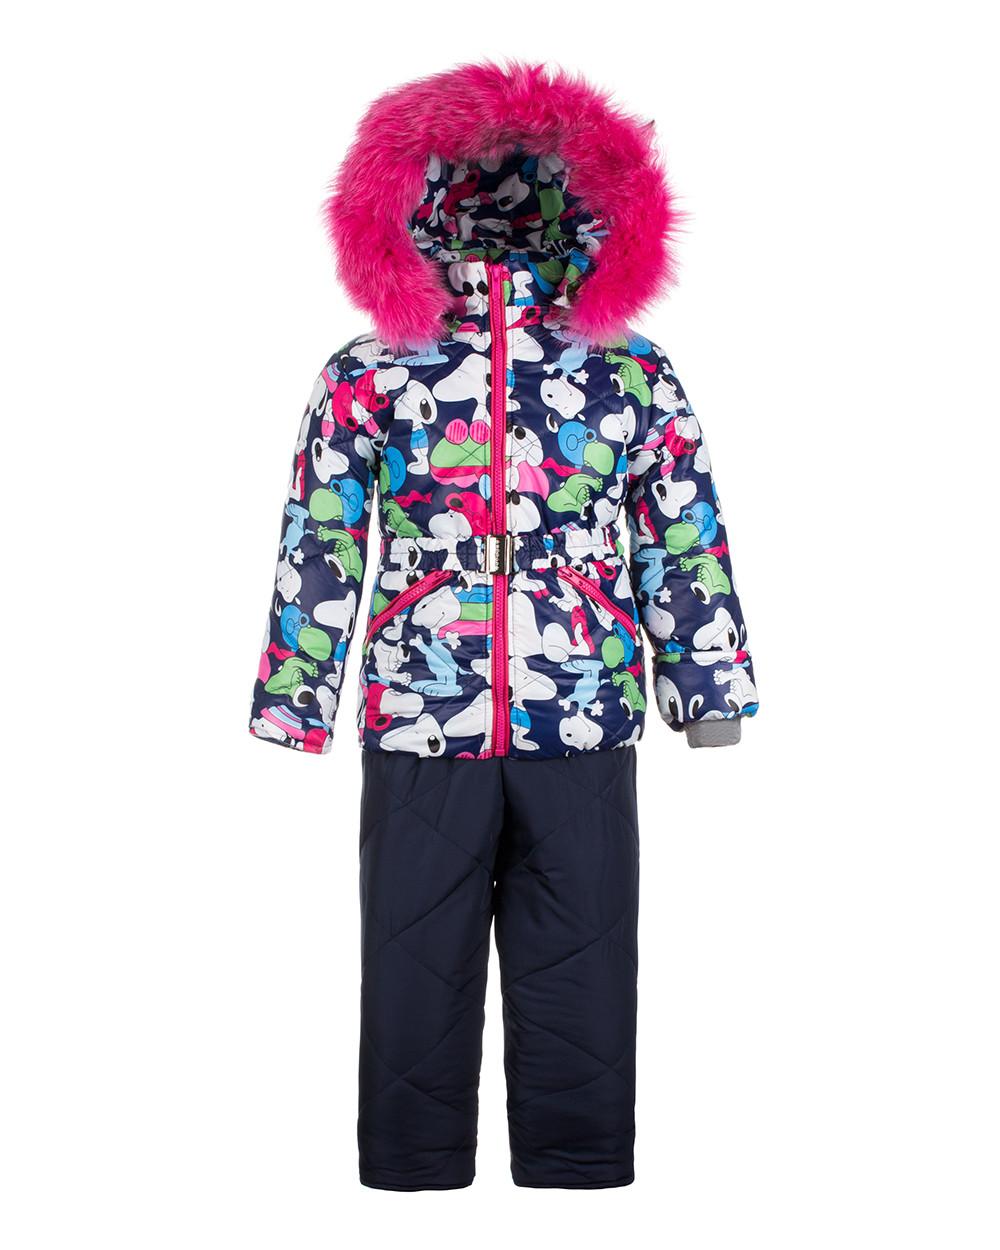 be387d48d08 Комплект зимний для девочек 4006 - Магазин детской одежды